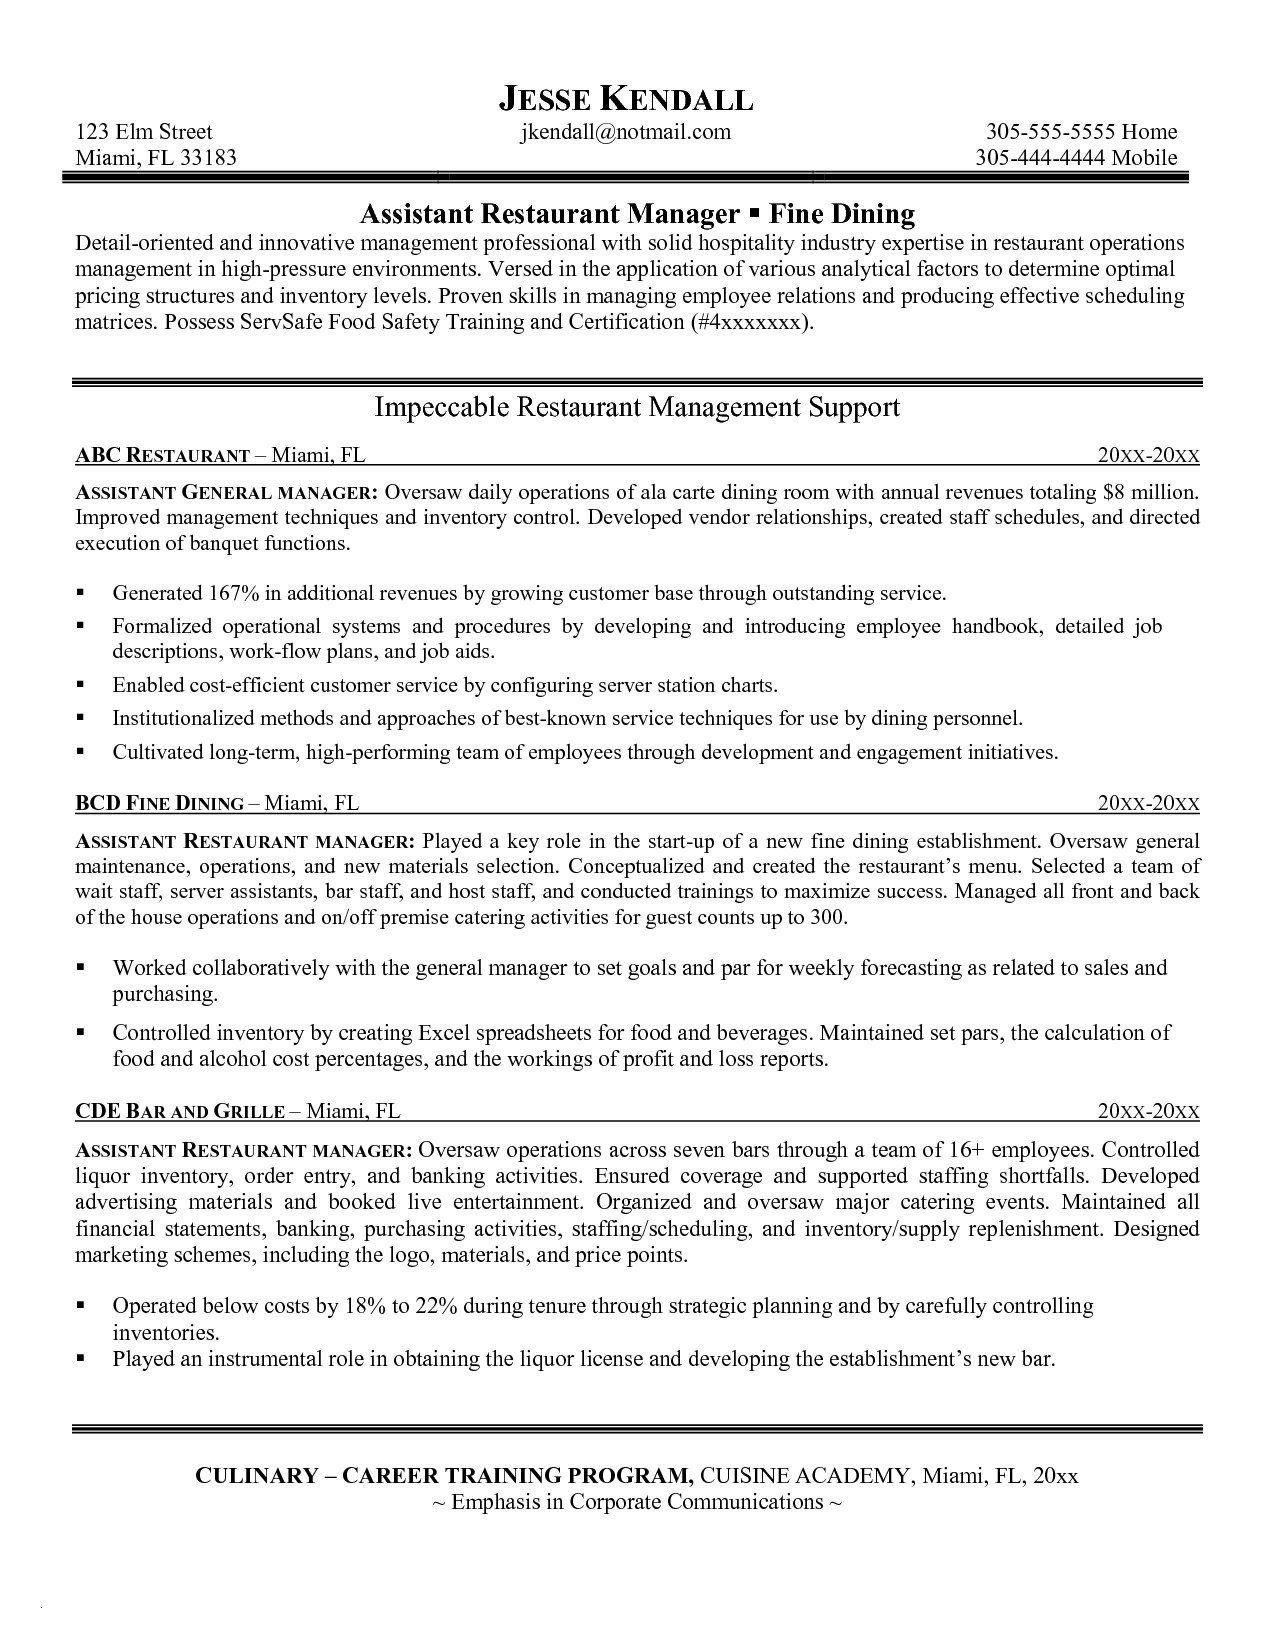 resume for restaurant job new beautiful resume for